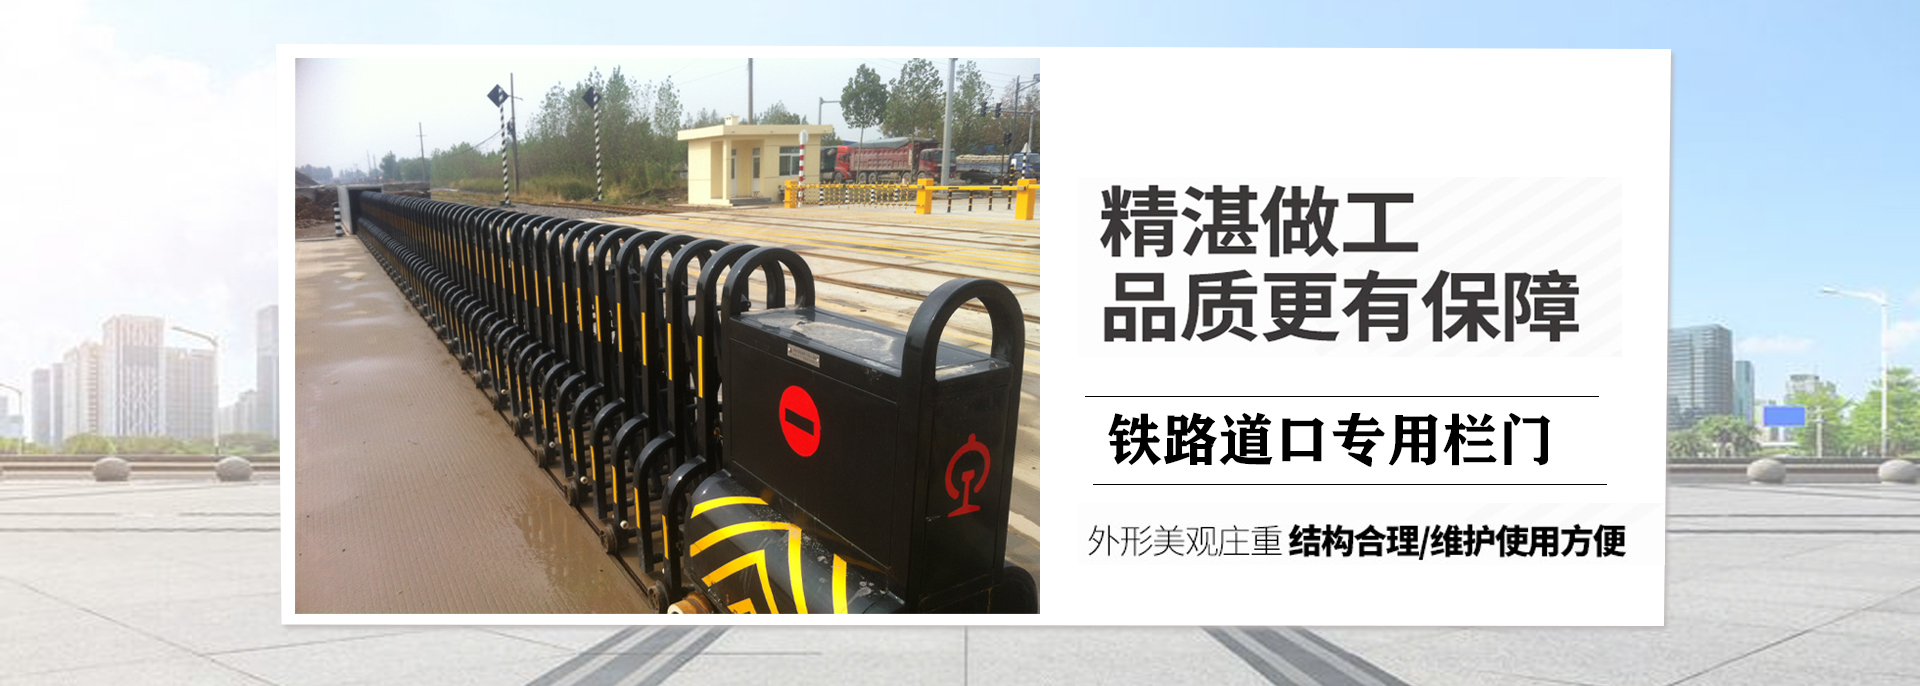 鐵路道口欄門